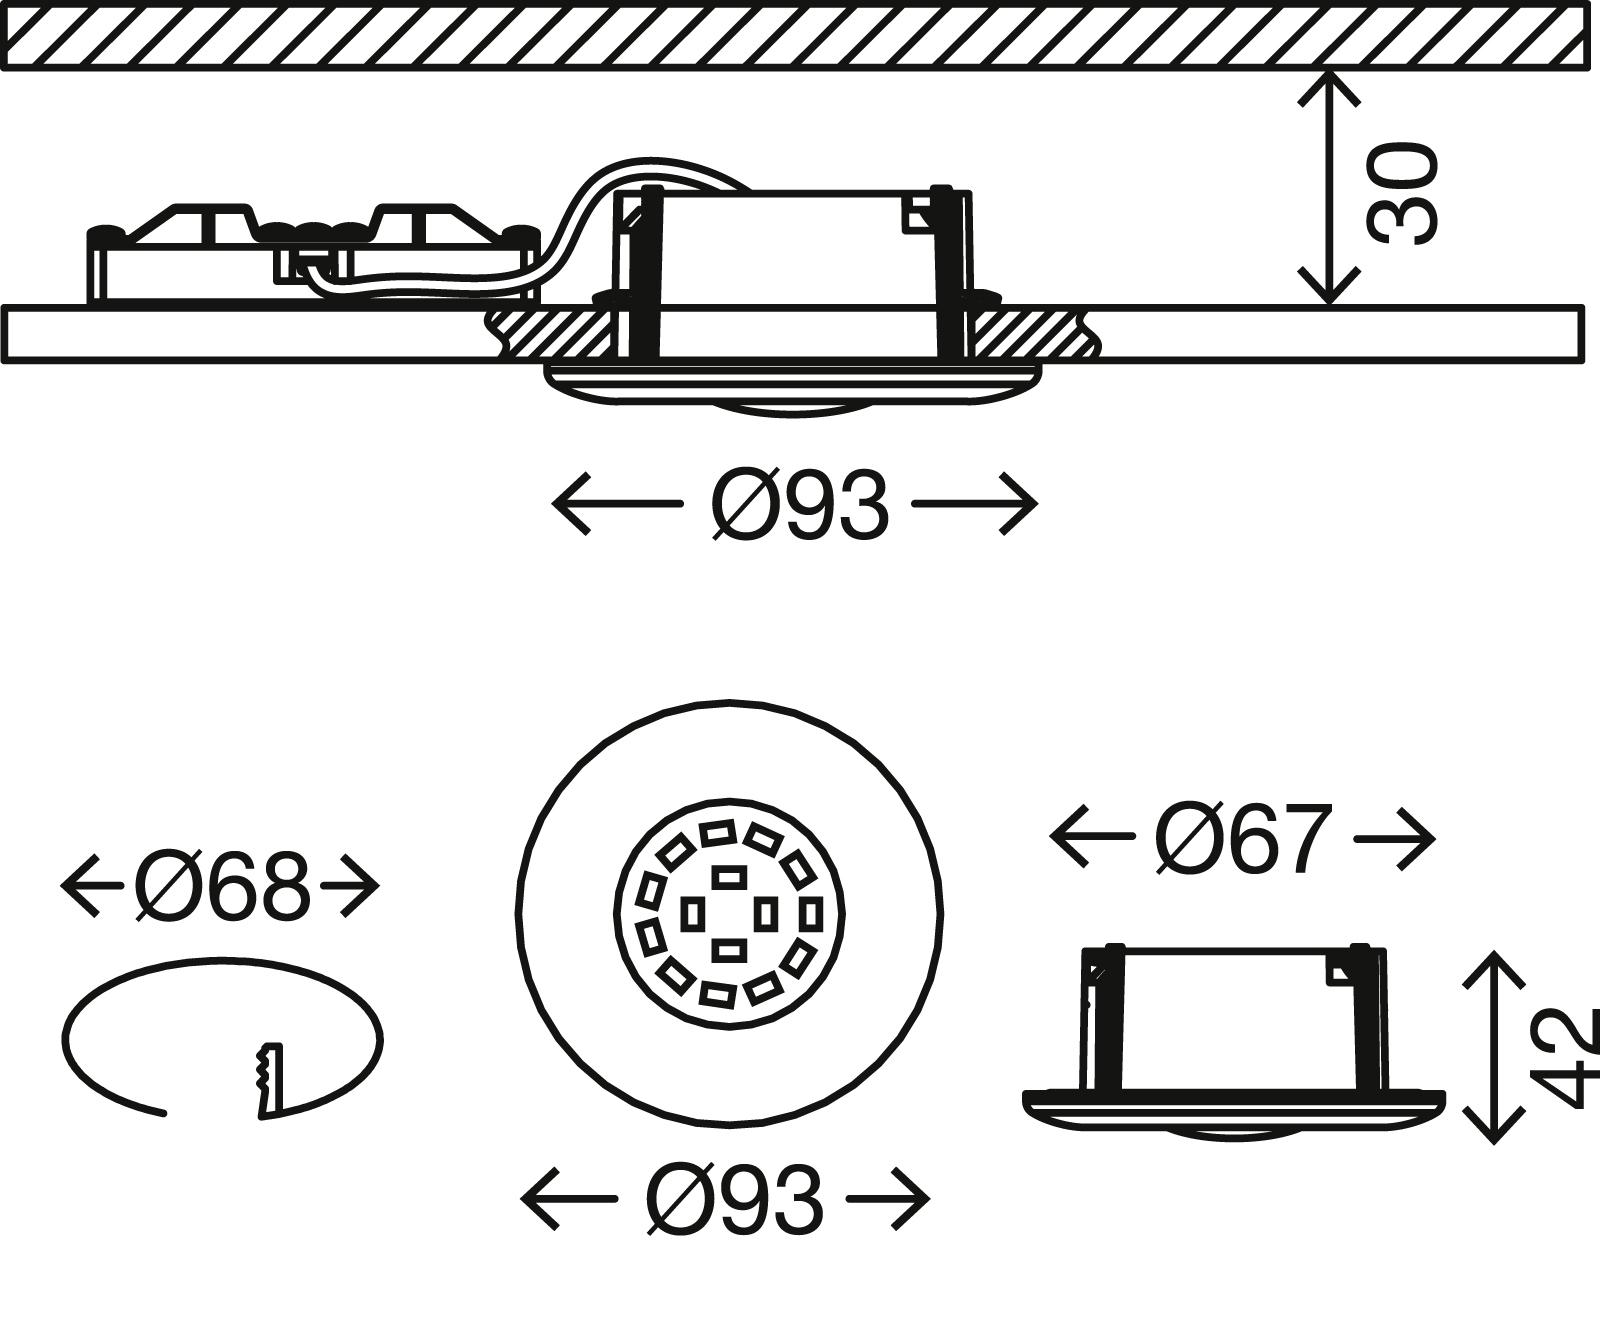 LED Einbauleuchte, Ø 9,3 cm, 5 W, Matt-Nickel